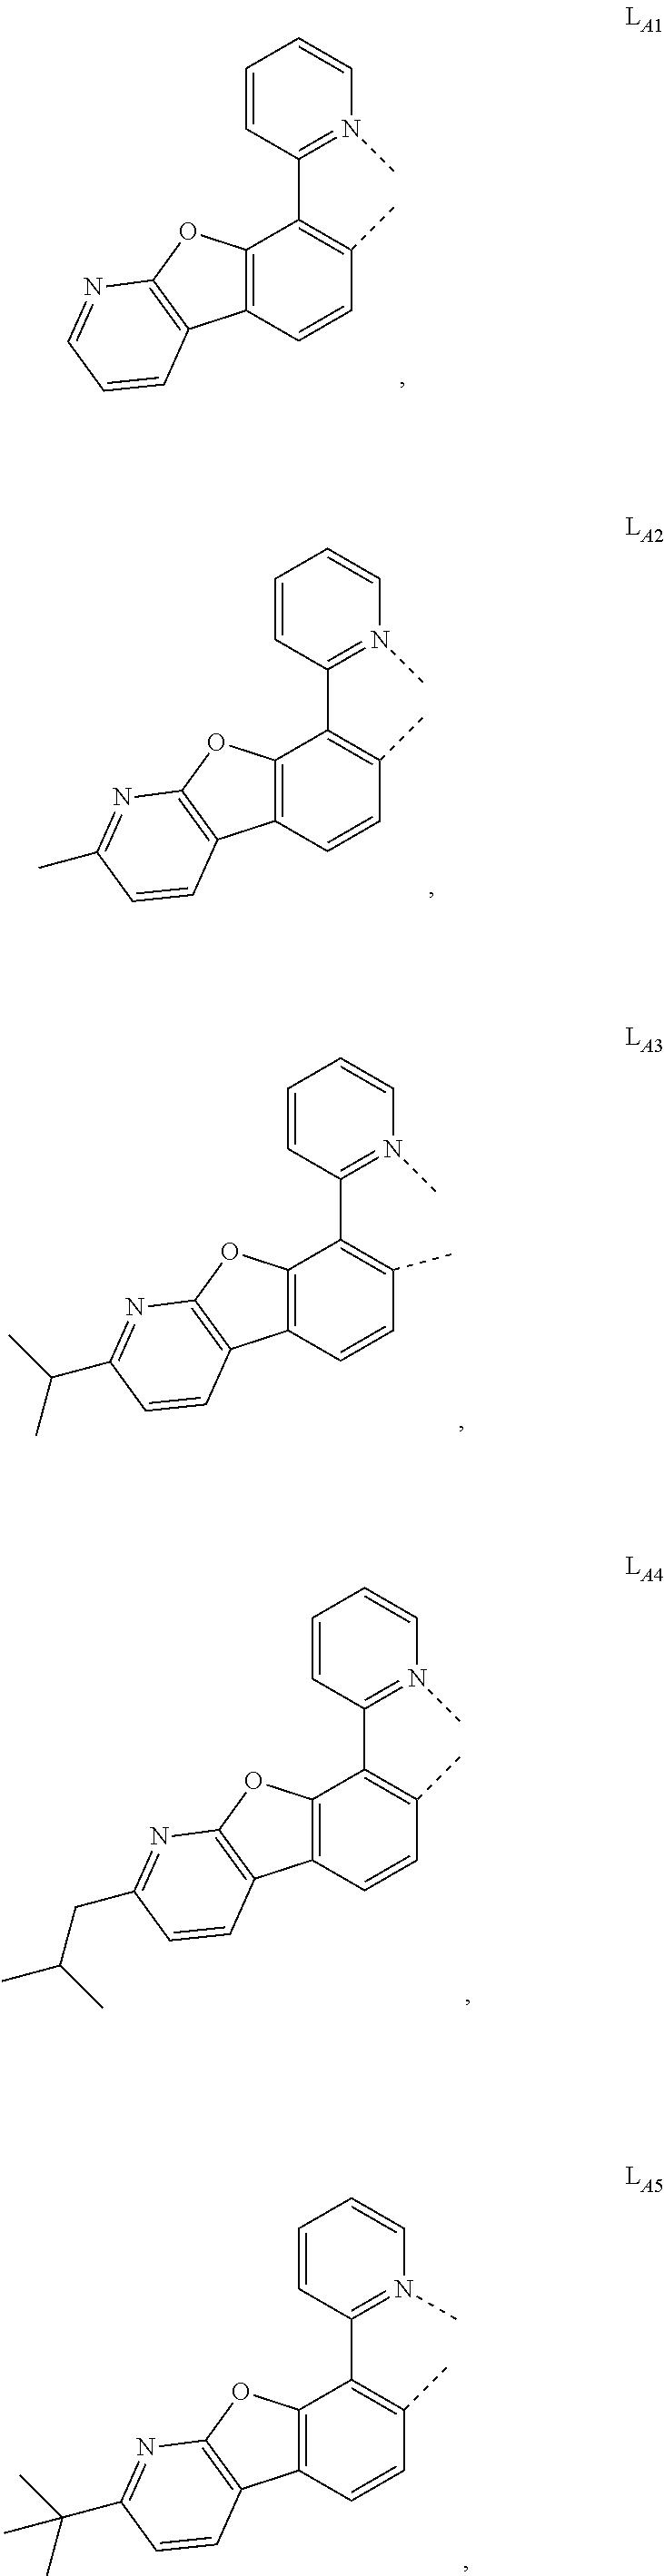 Figure US20160049599A1-20160218-C00009